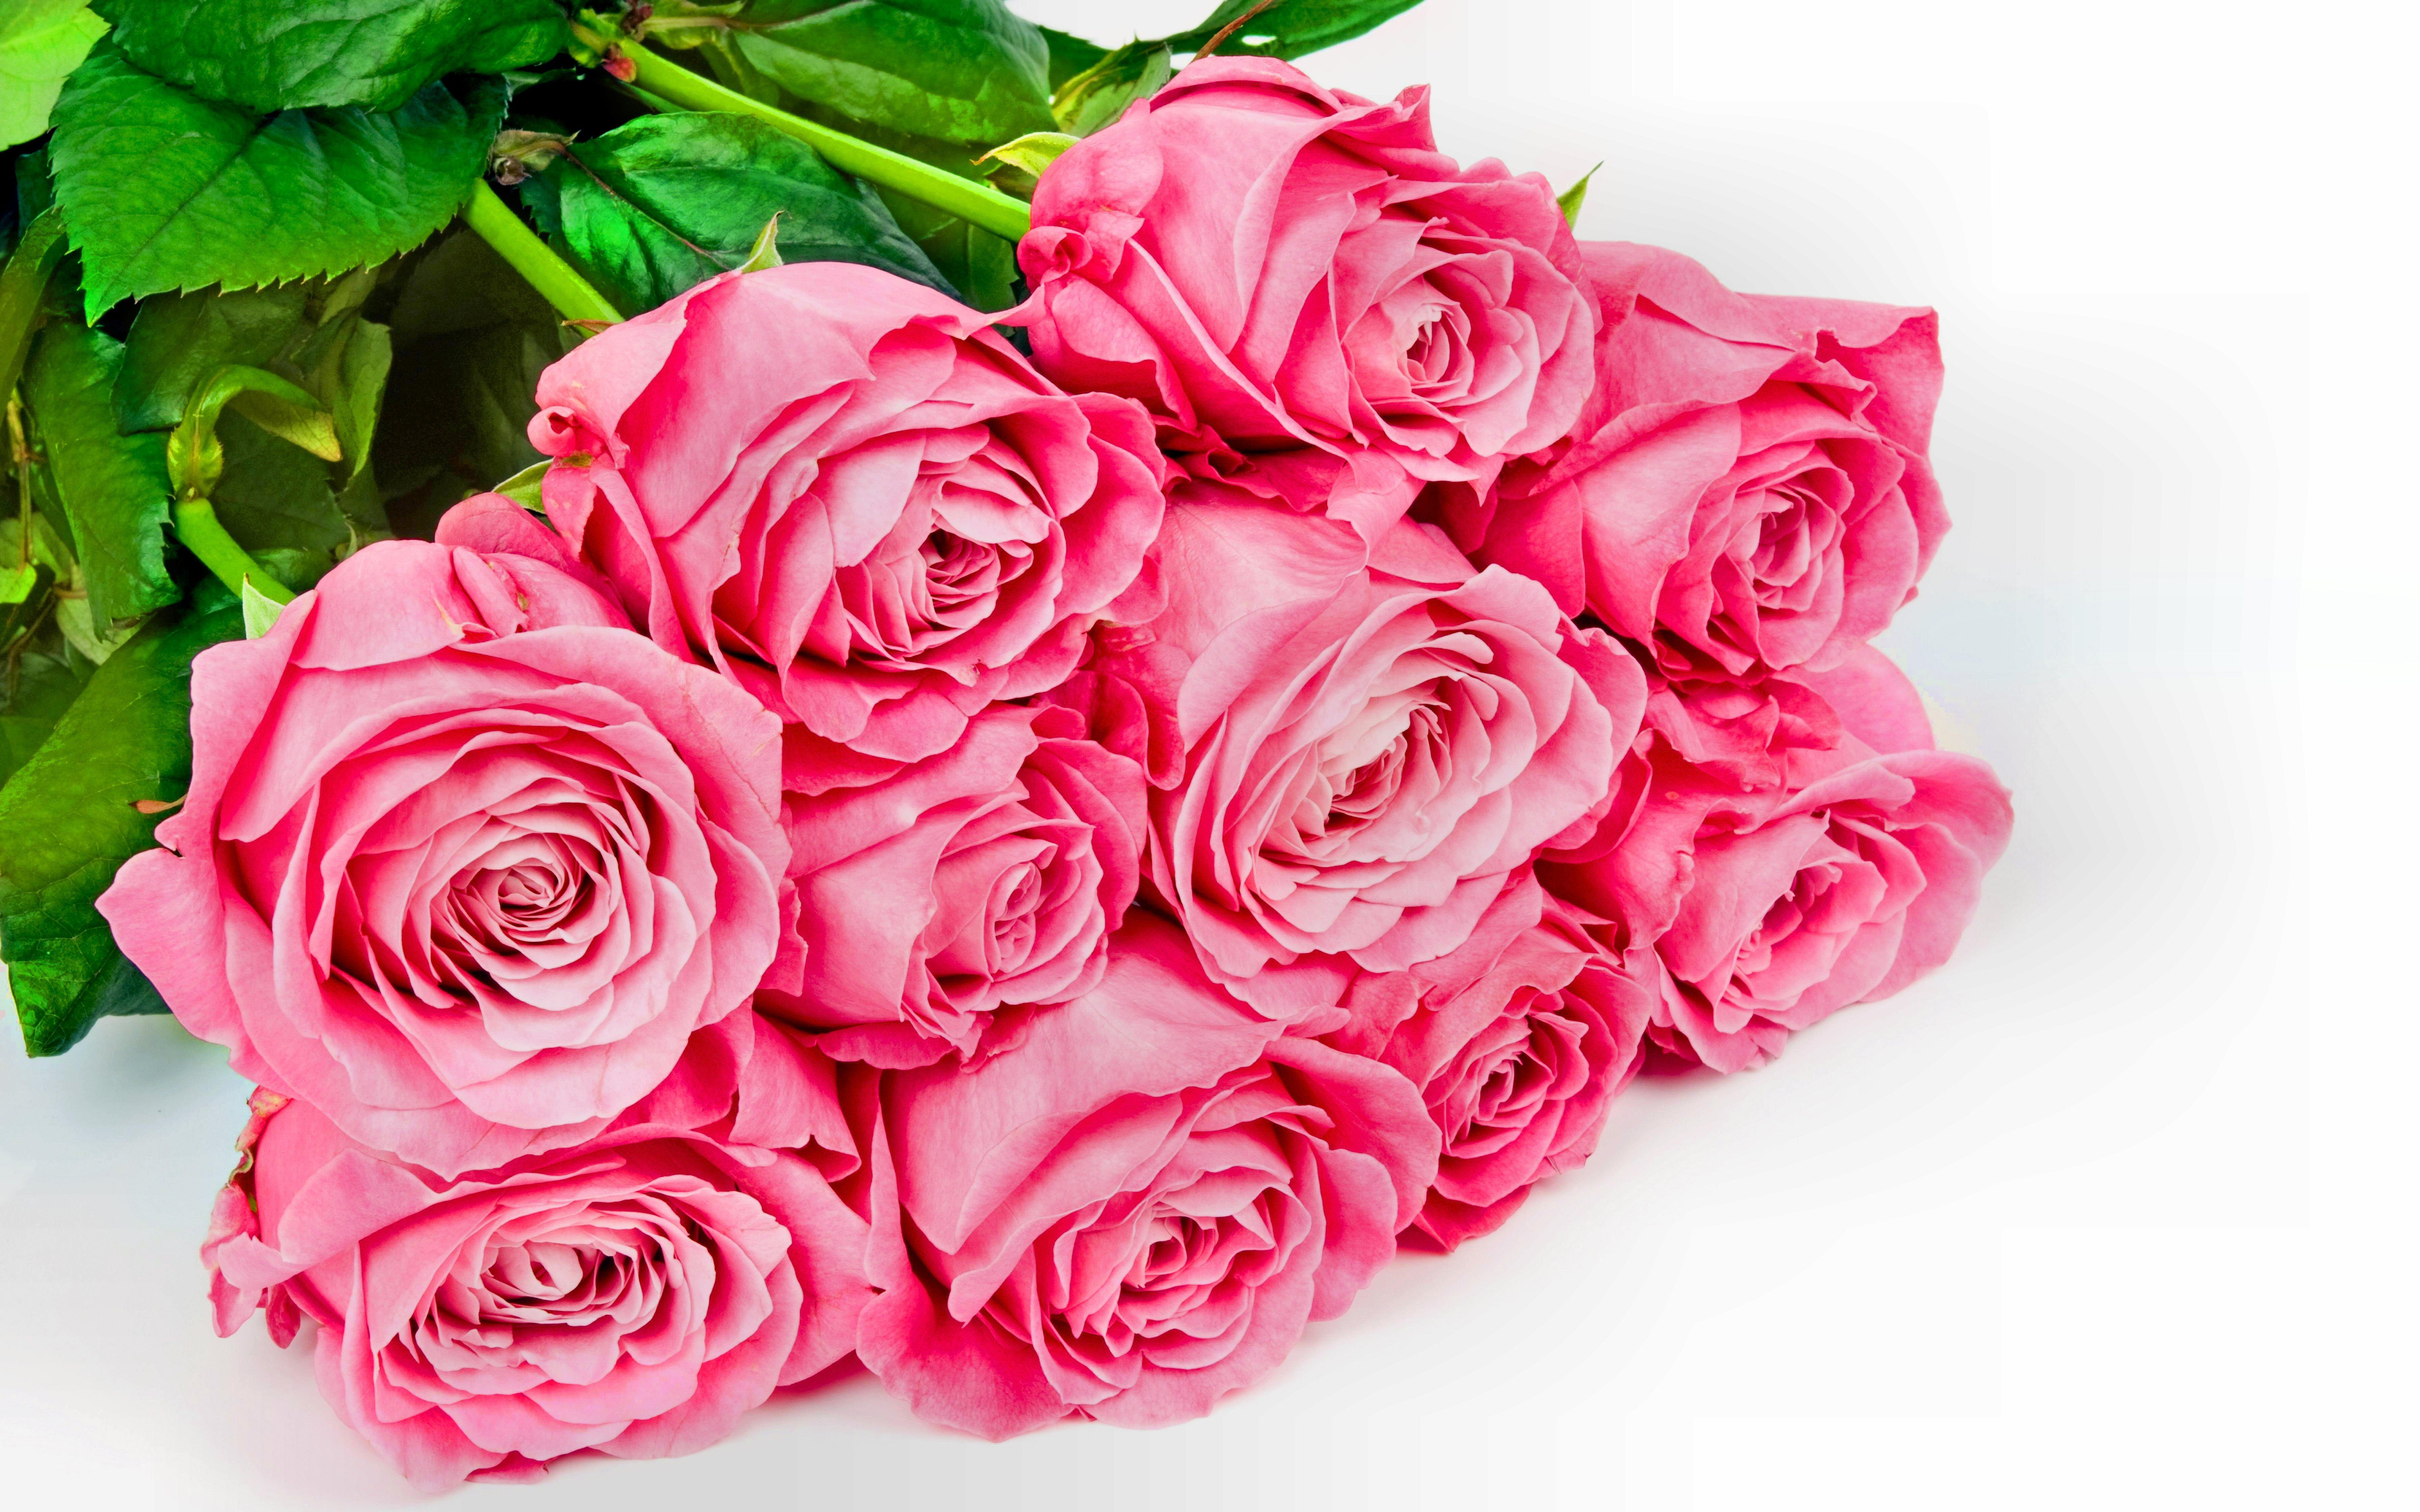 Картинка шикарные розы на белом фоне